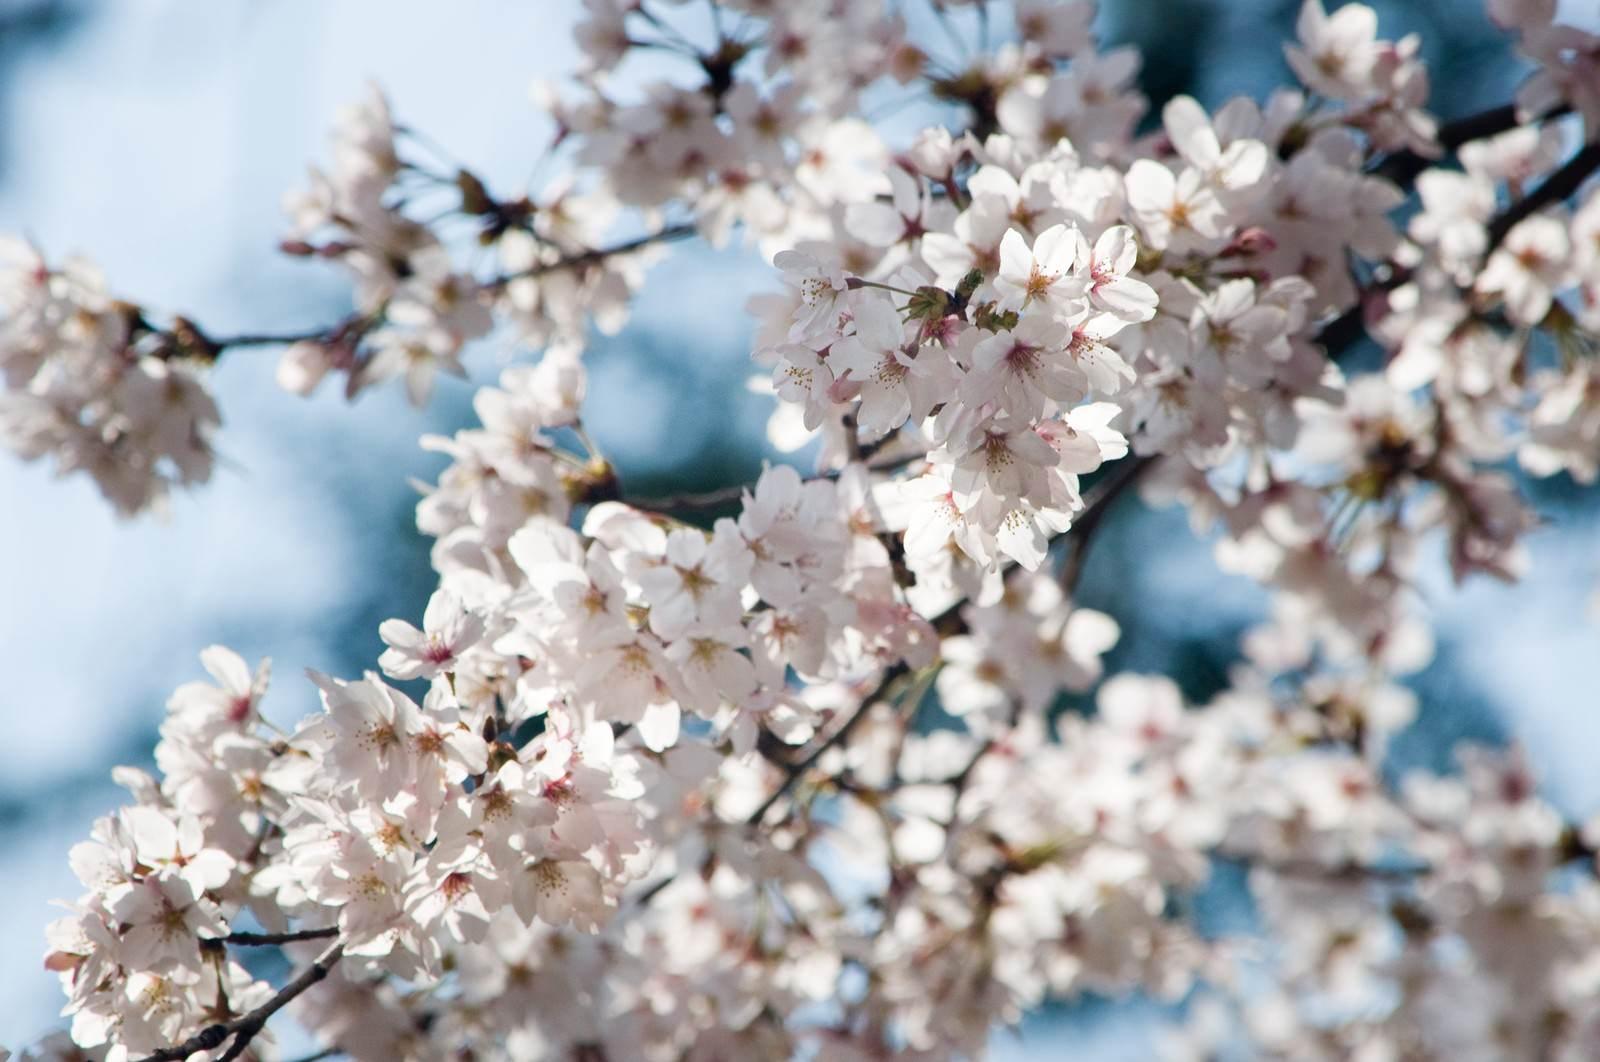 「和の色(桜)和の色(桜)」のフリー写真素材を拡大